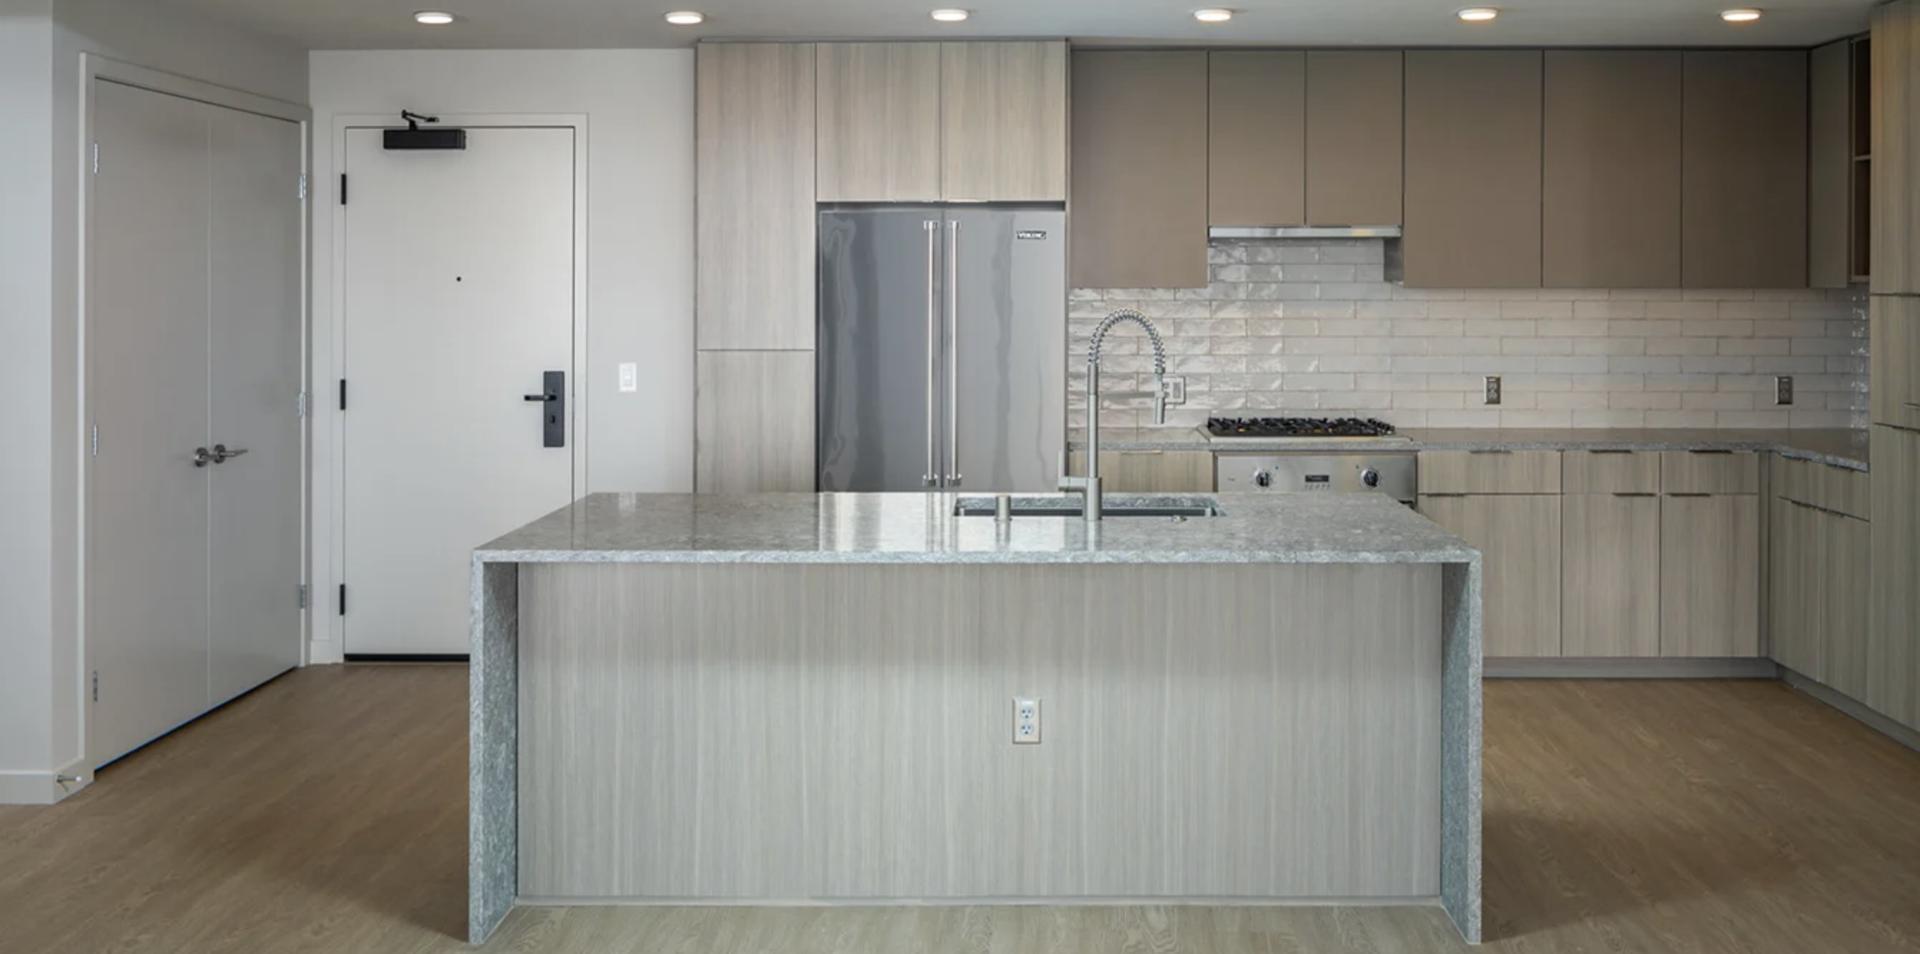 601 11th Avenue #0103, San Diego, CA - $5,860 USD/ month